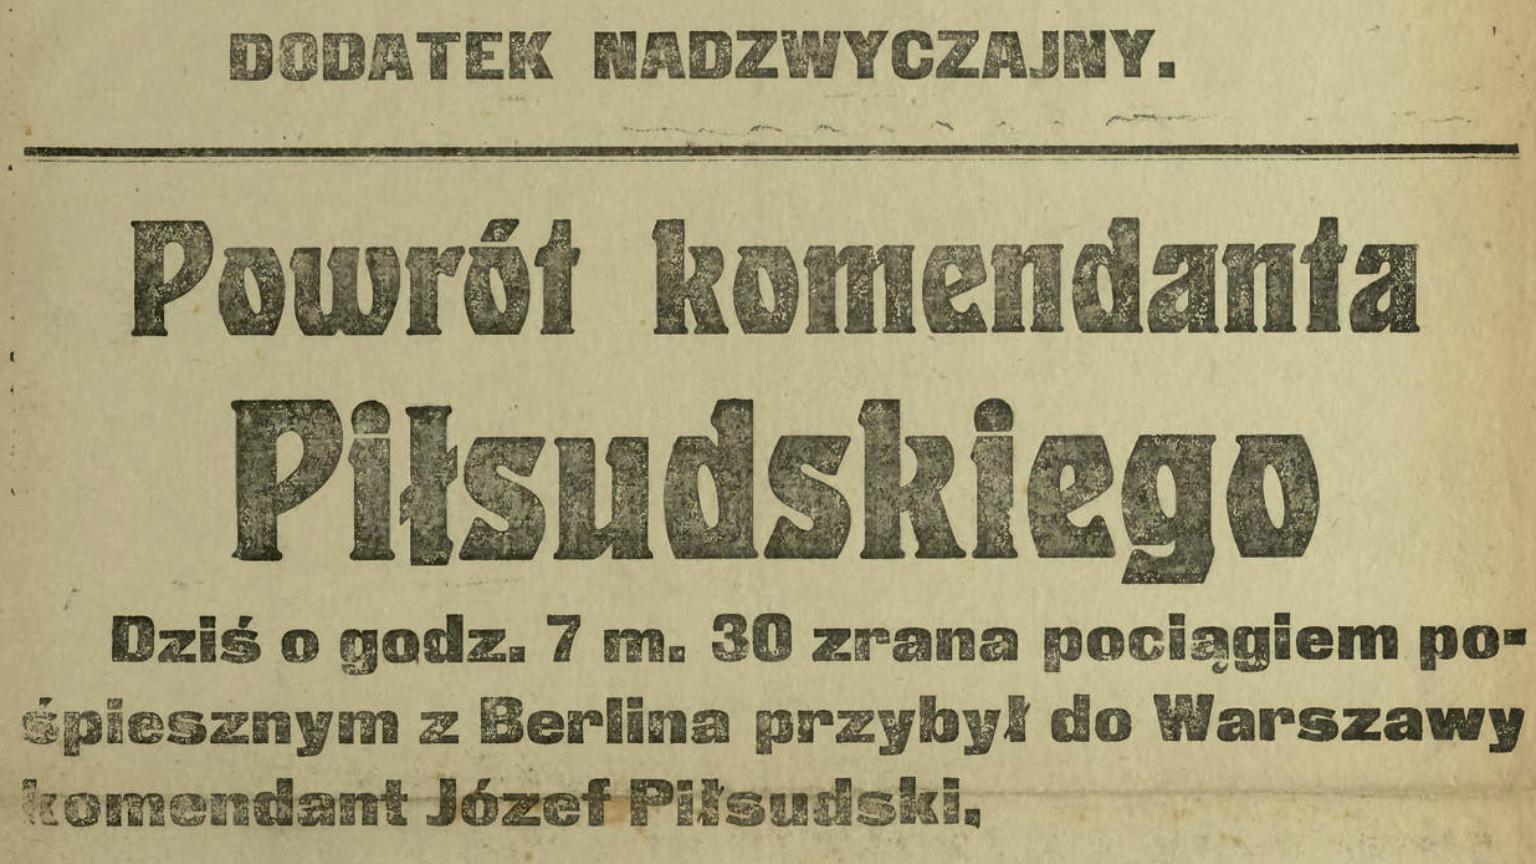 Zdjęcie dla kartki: Z Magdeburga do Warszawy - Piłsudski wolny